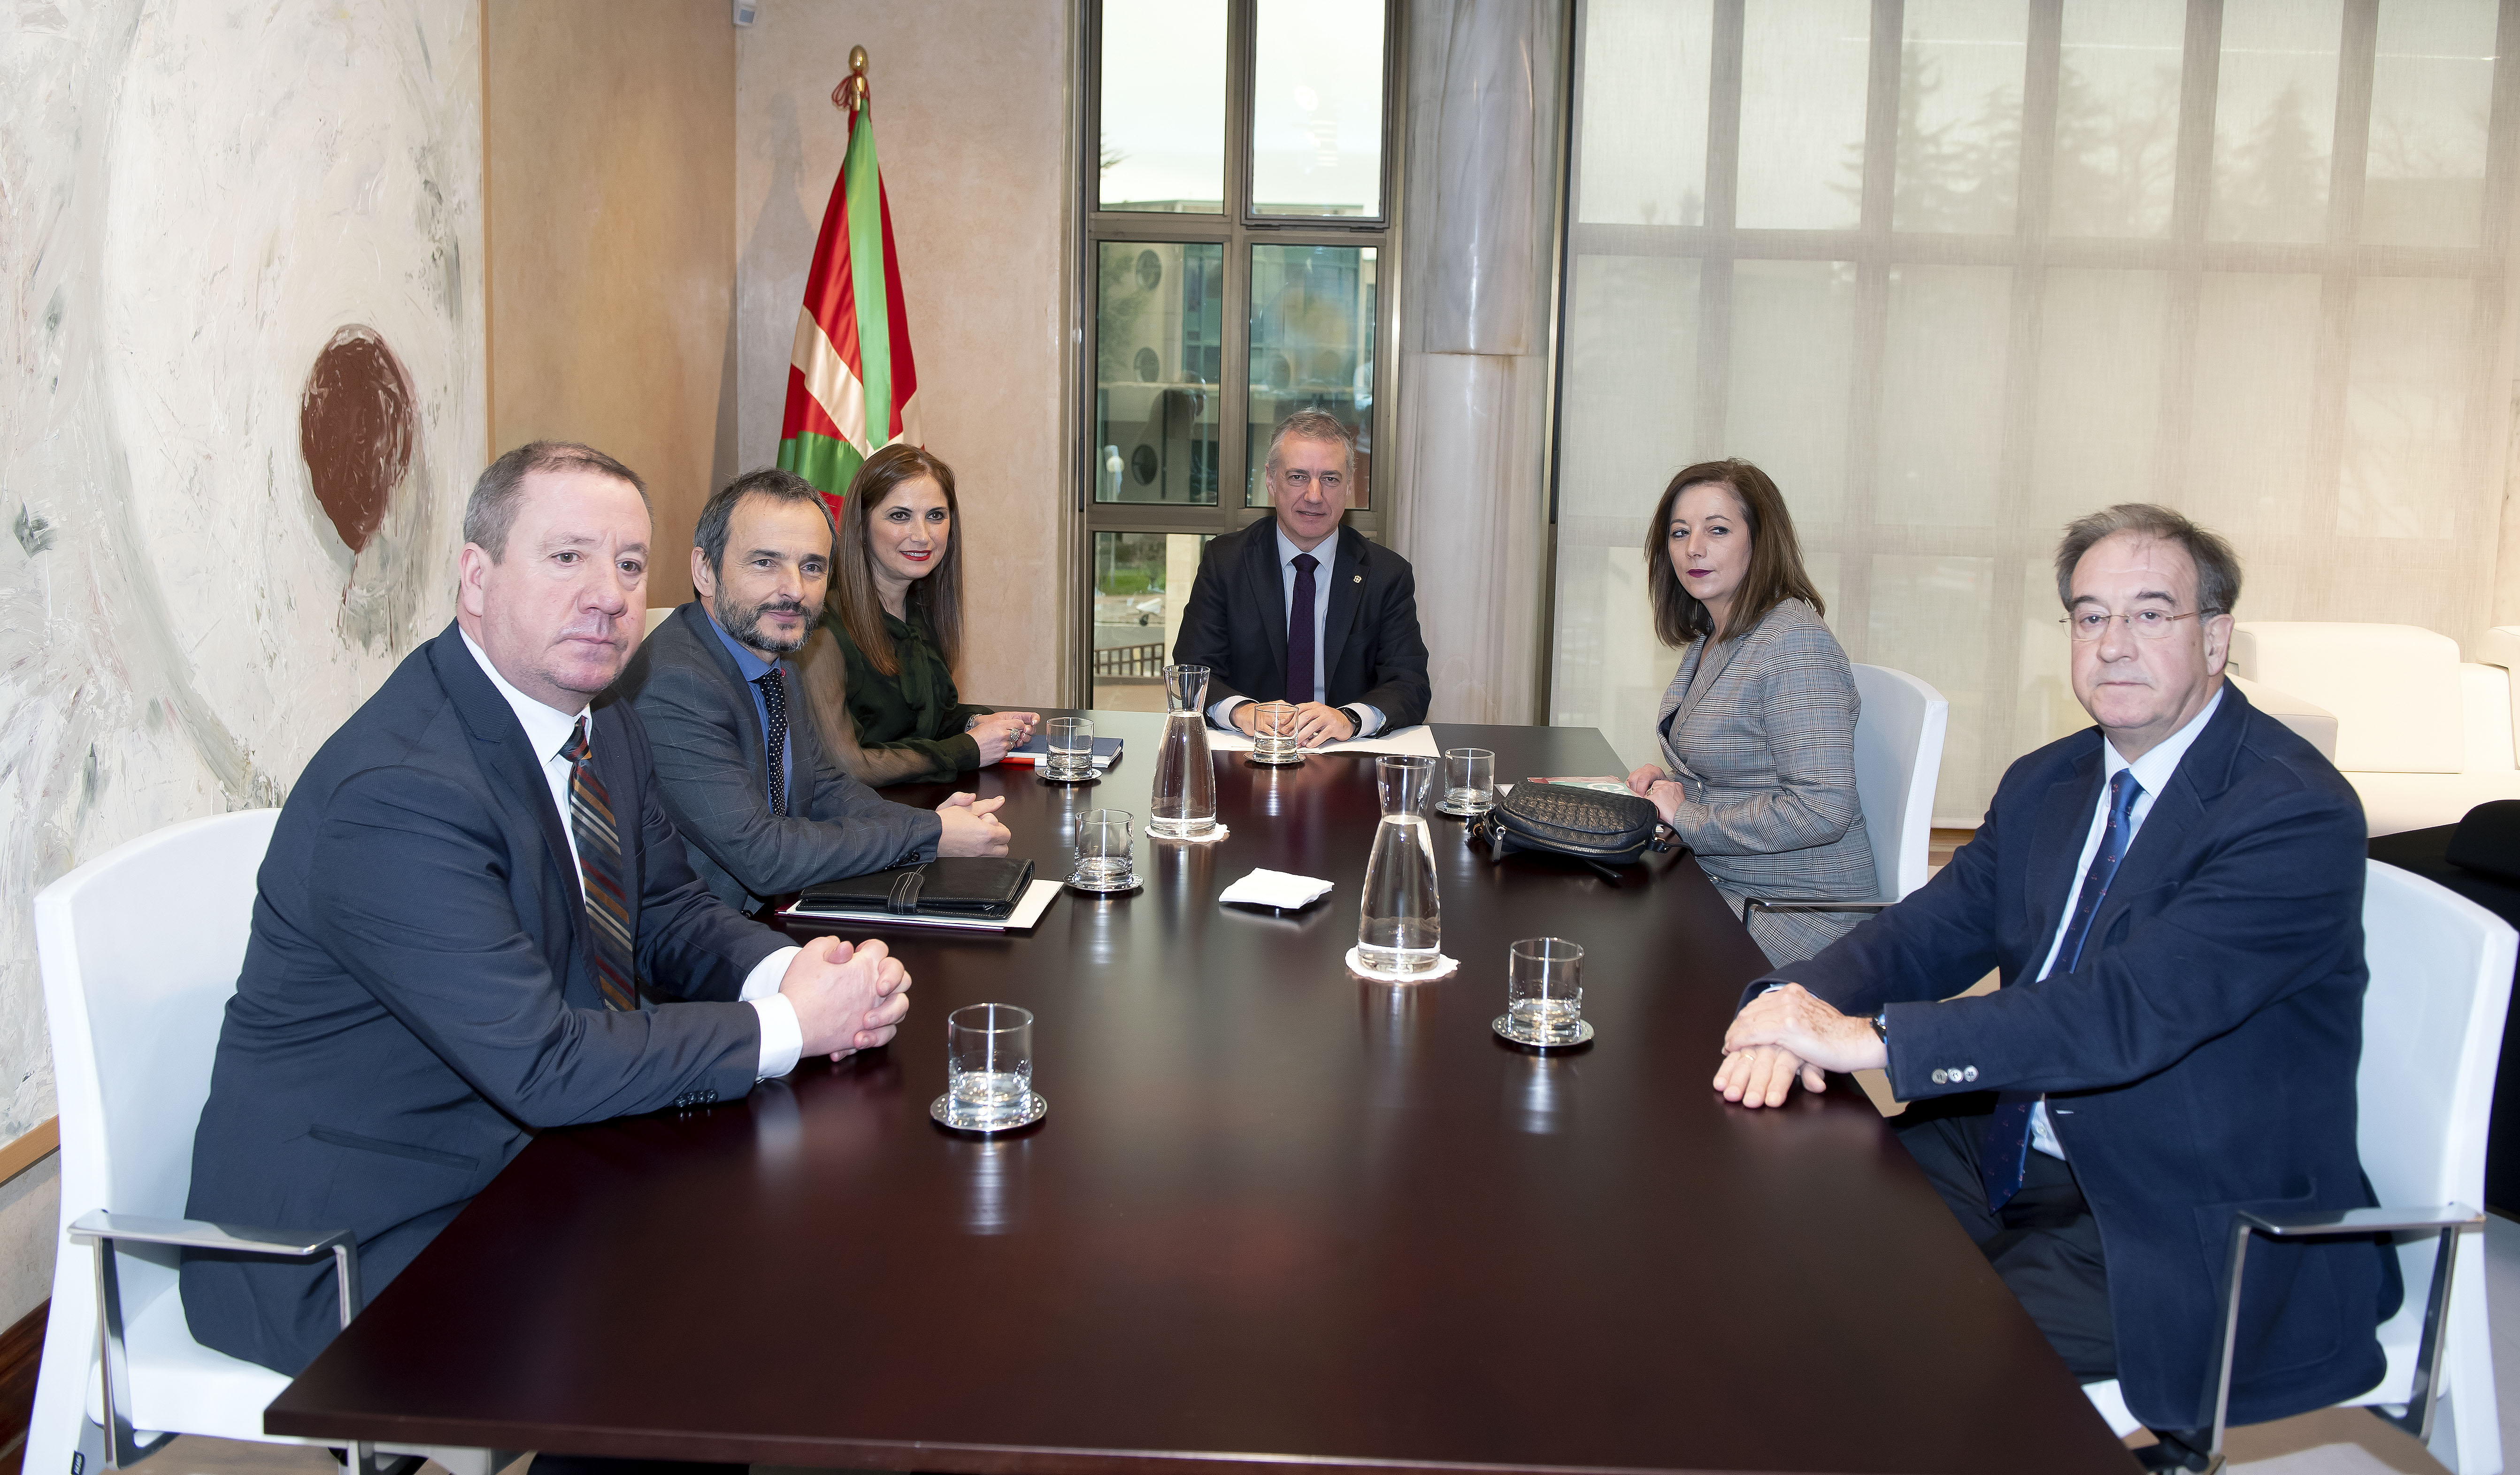 Lehendakariak Graduatu Sozialen Euskal Kontseiluaren kideak hartu ditu